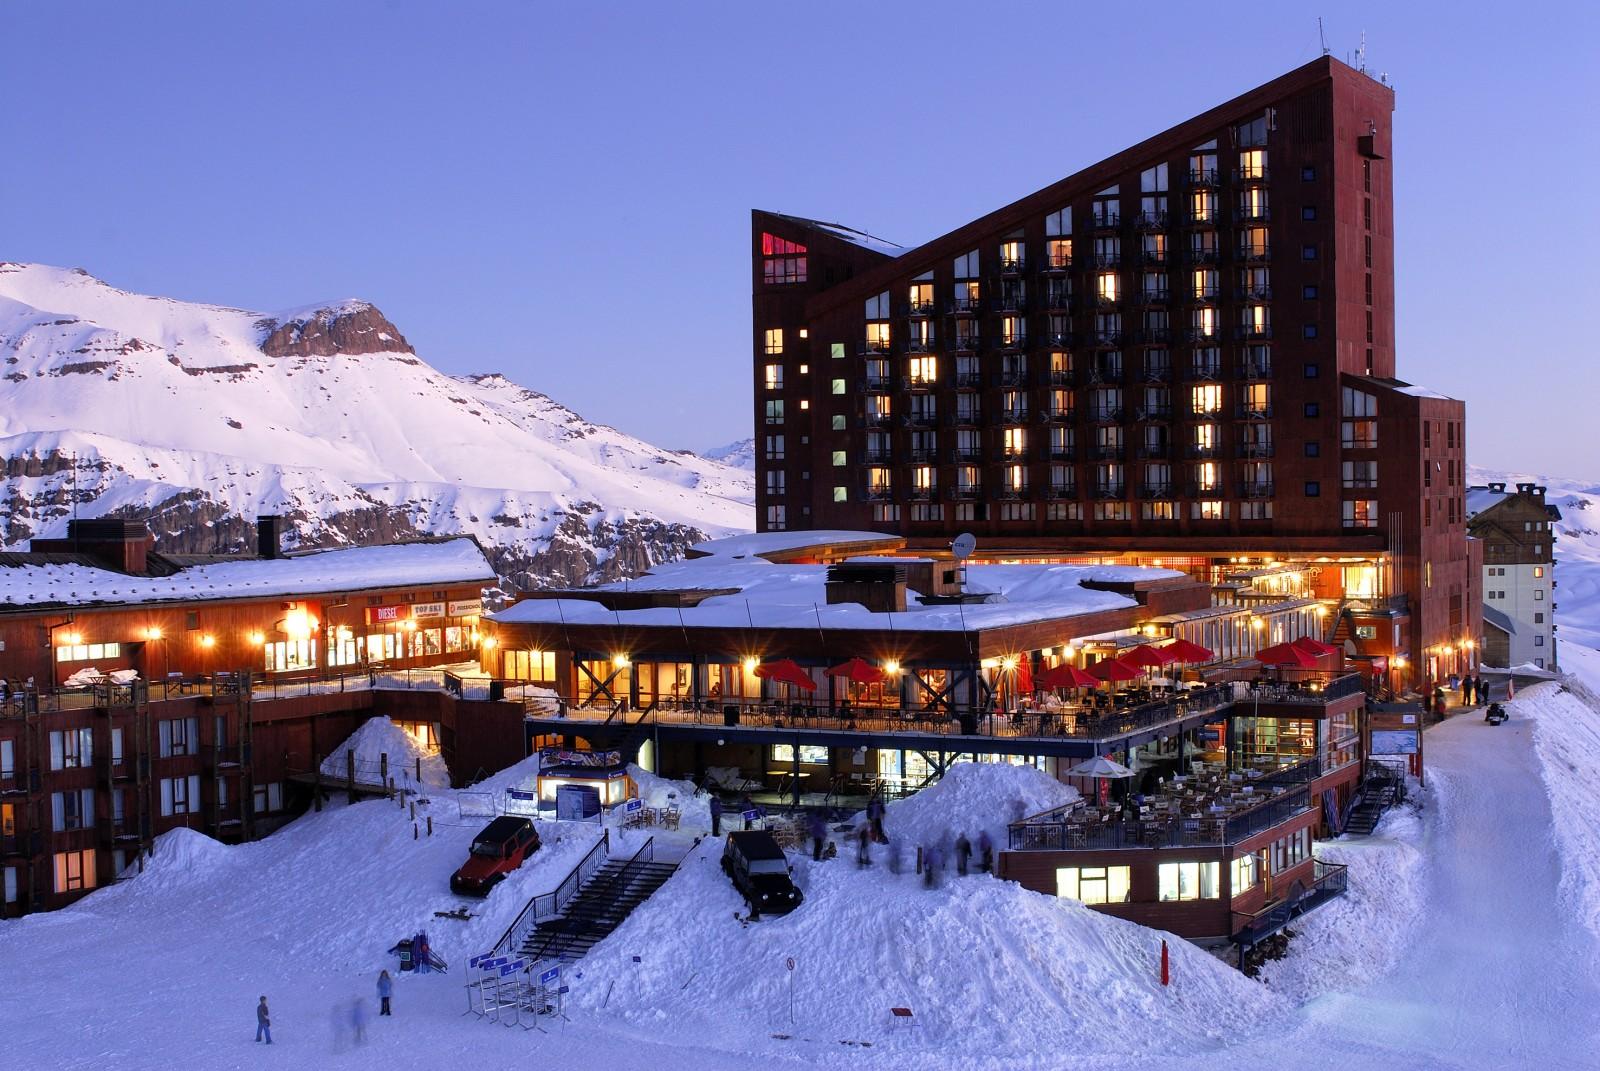 Historia de Valle Nevado